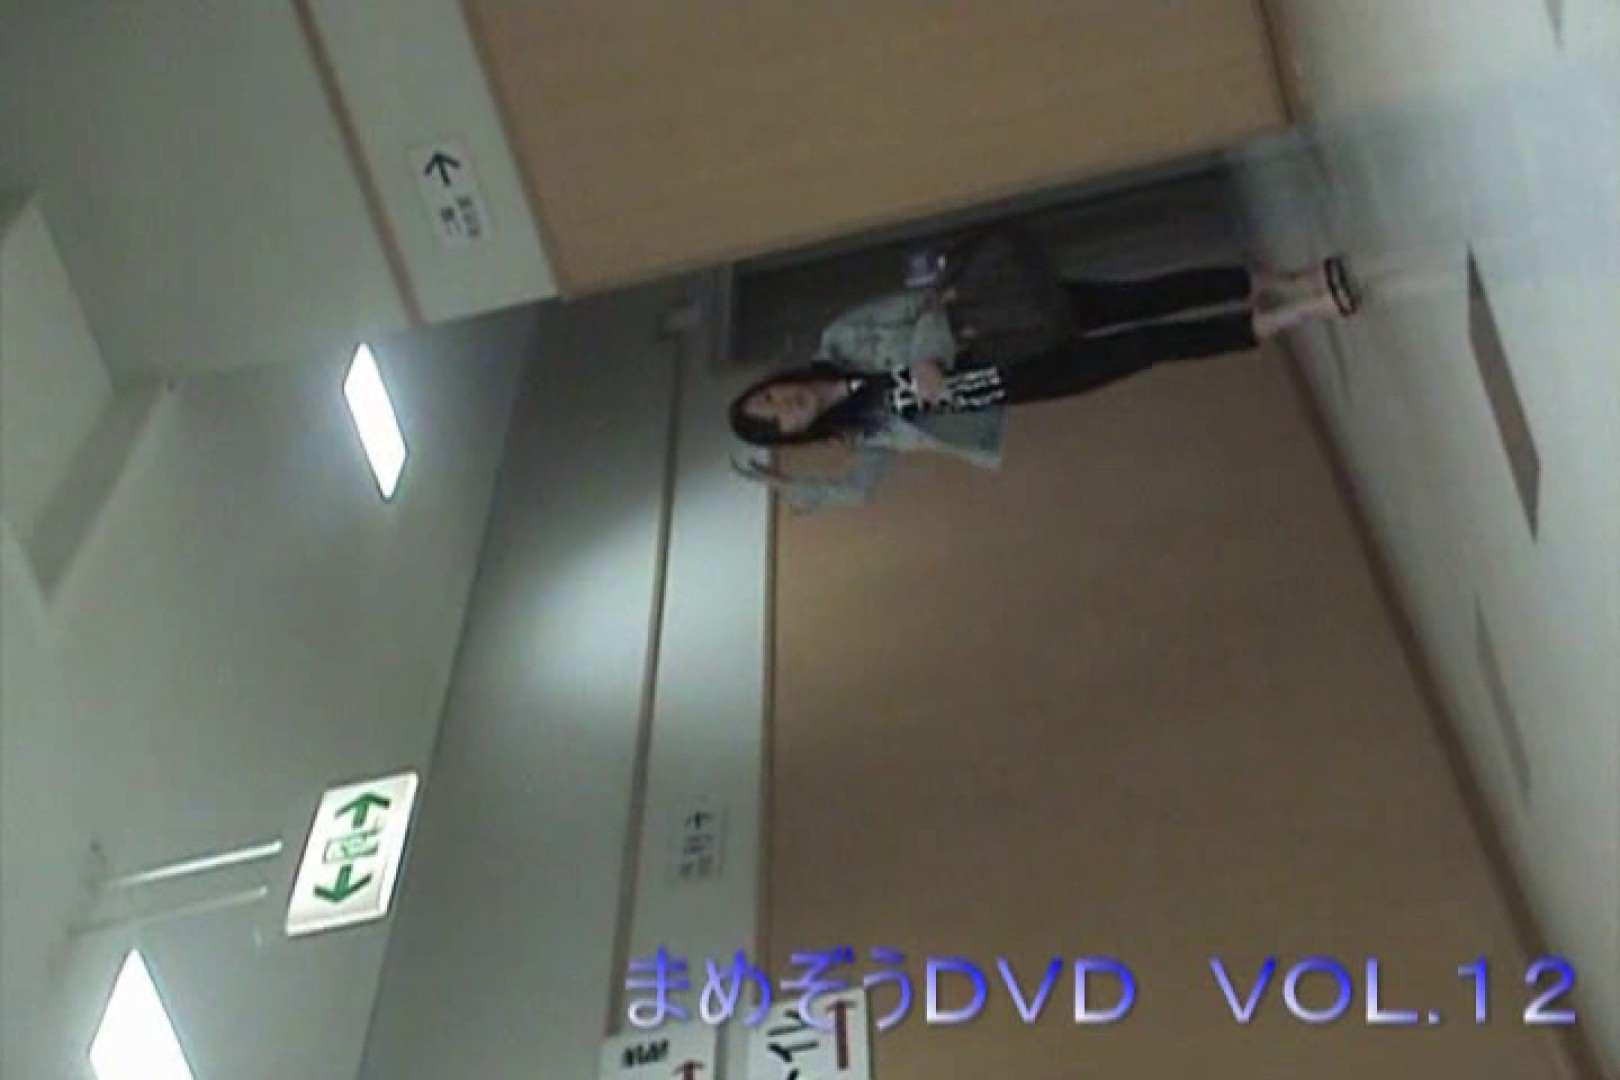 まめぞうDVD完全版VOL.12 OL   ギャル・コレクション  63連発 37